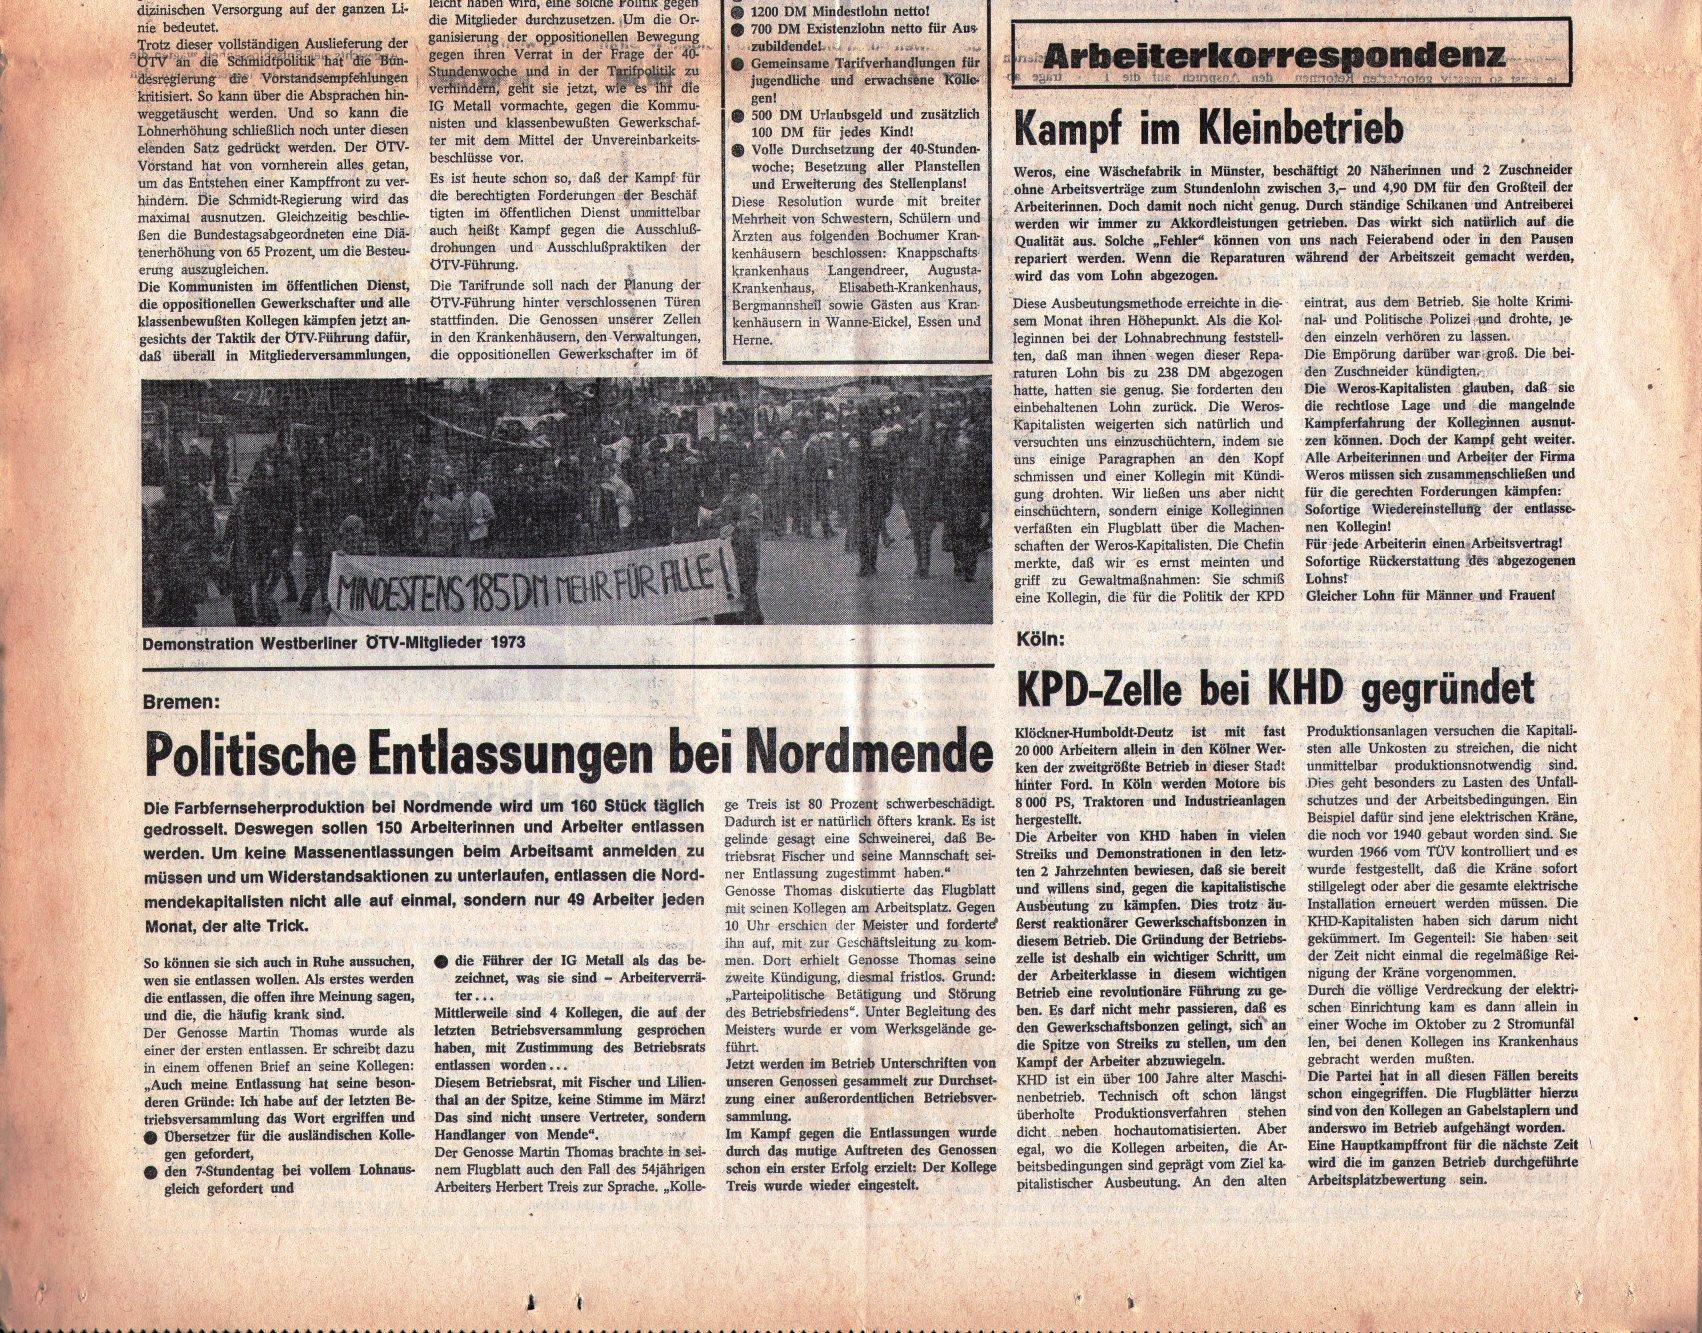 KPD_Rote_Fahne_1974_46_08